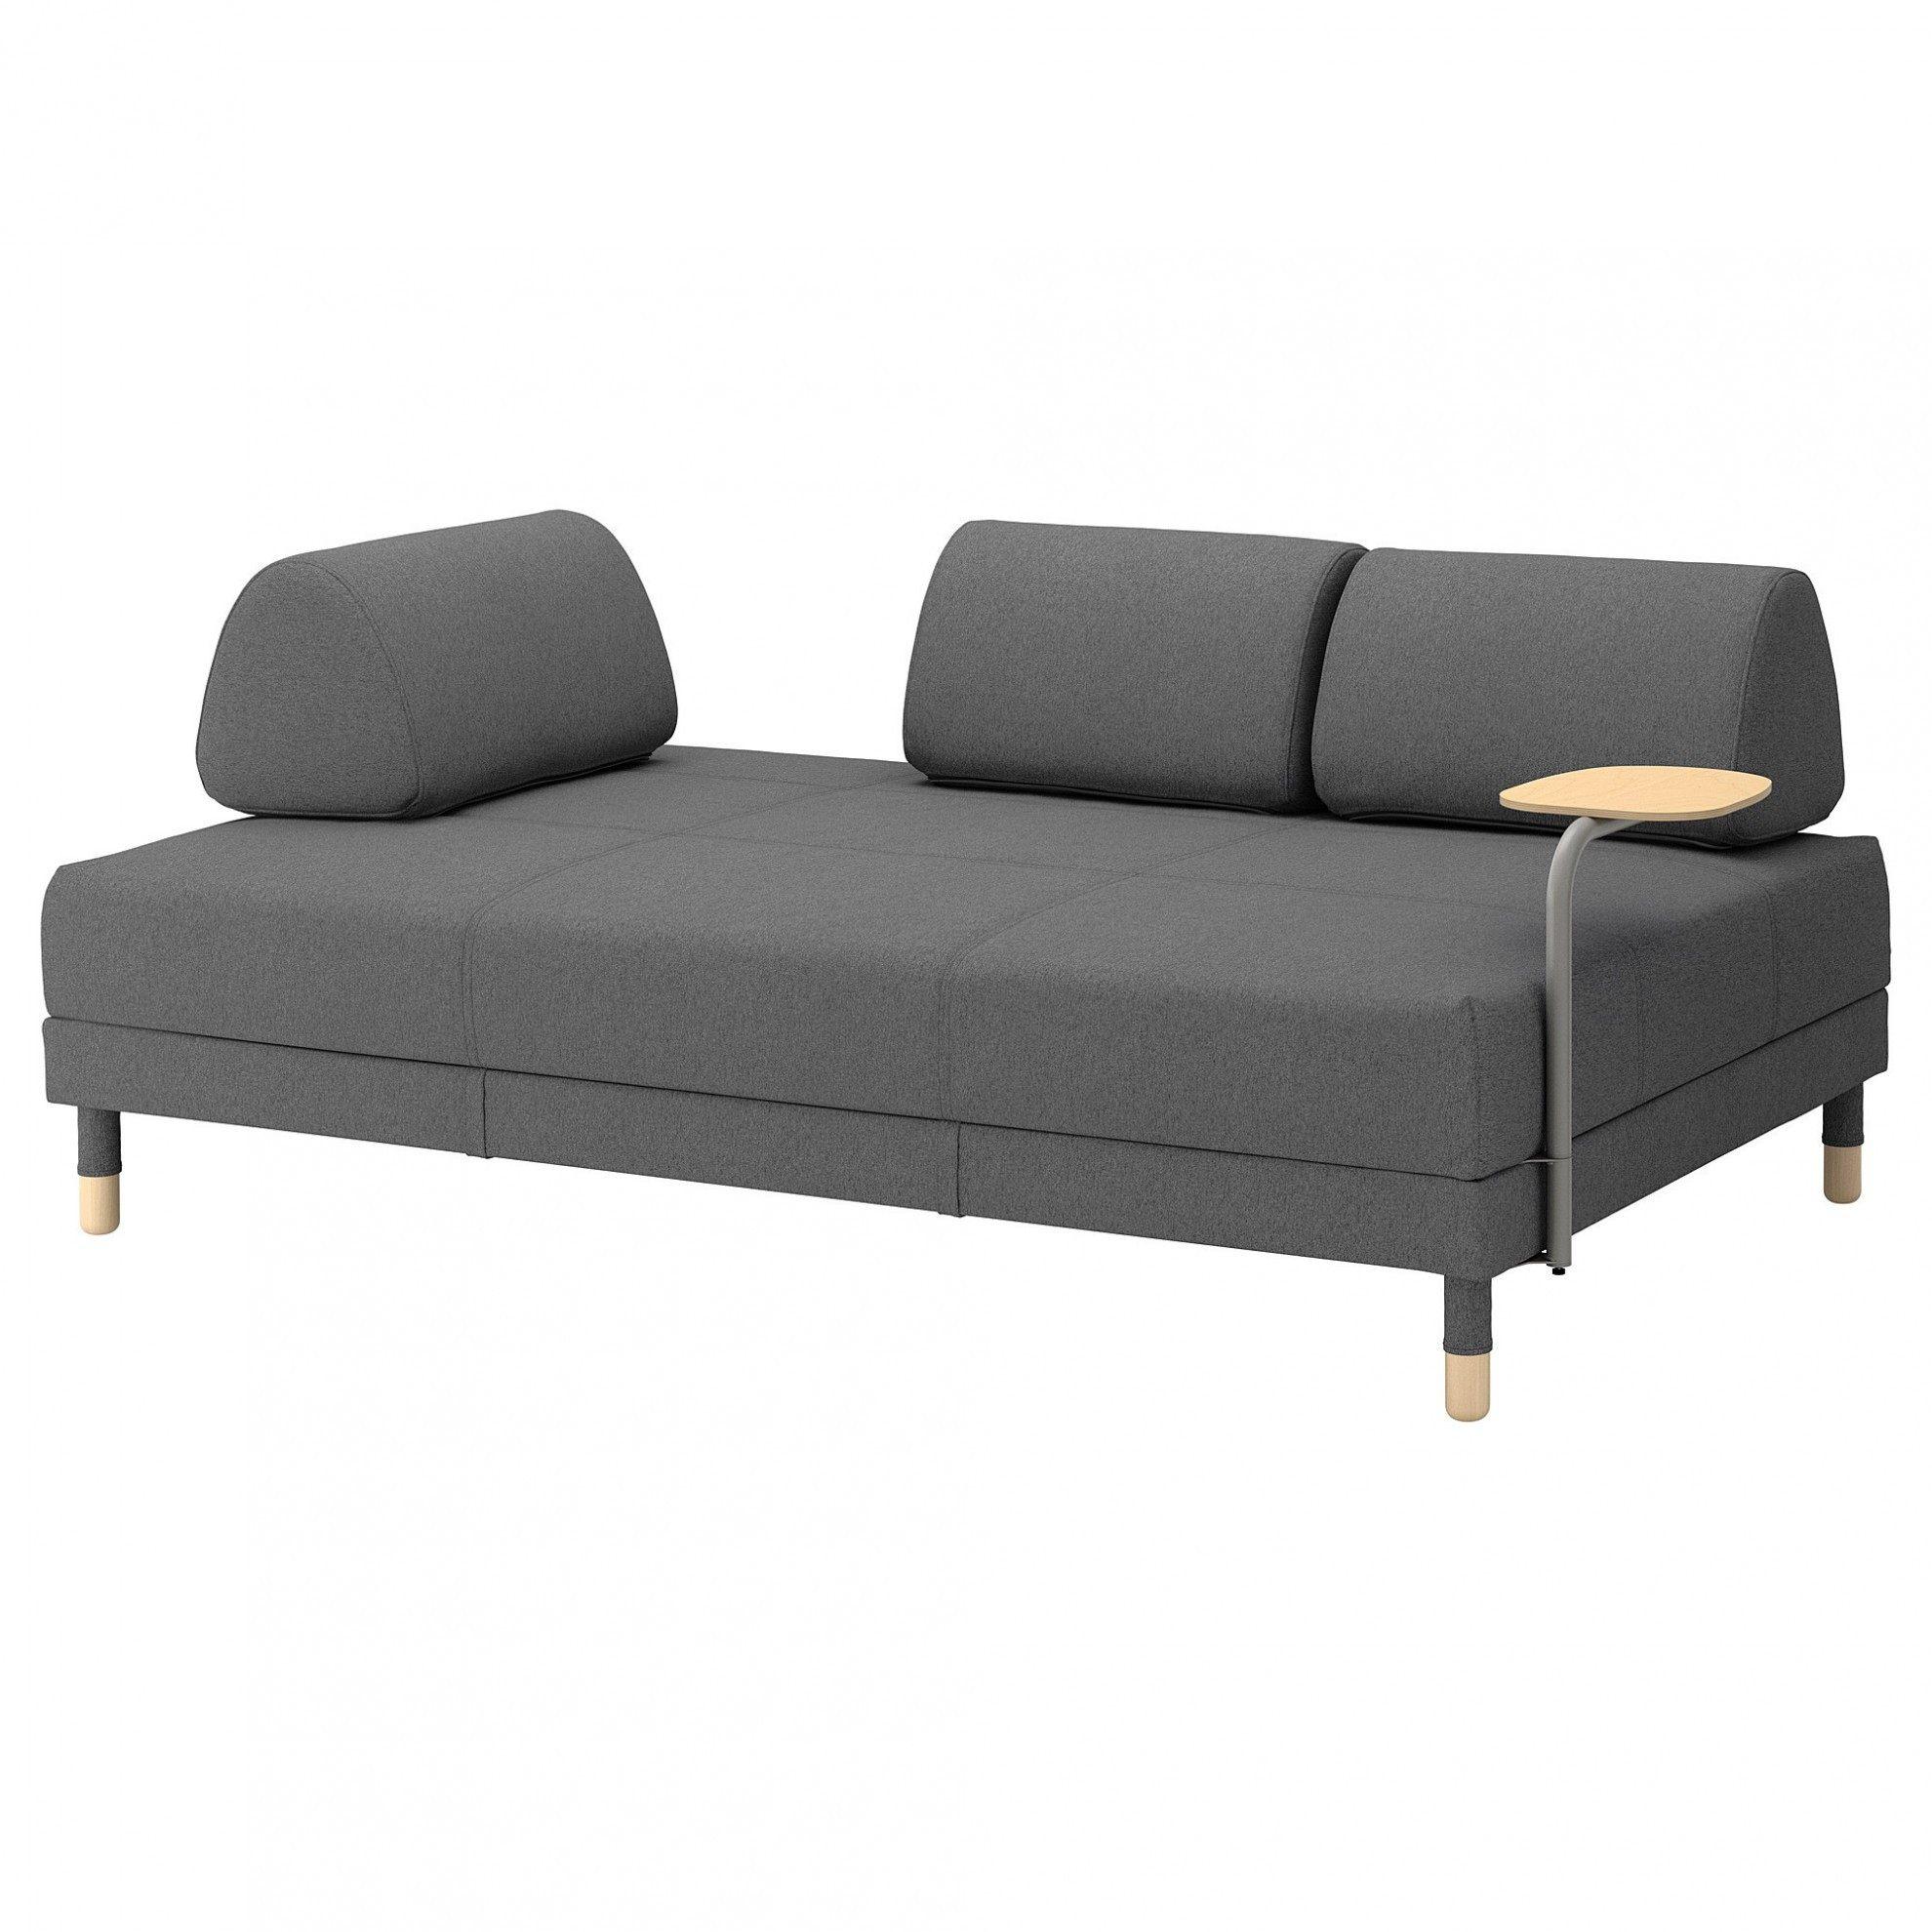 Lit Superposé Avec Armoire Fraîche Impressionnant Lit Superposé Canapé Dans Luxury Canapé Lit Matelas